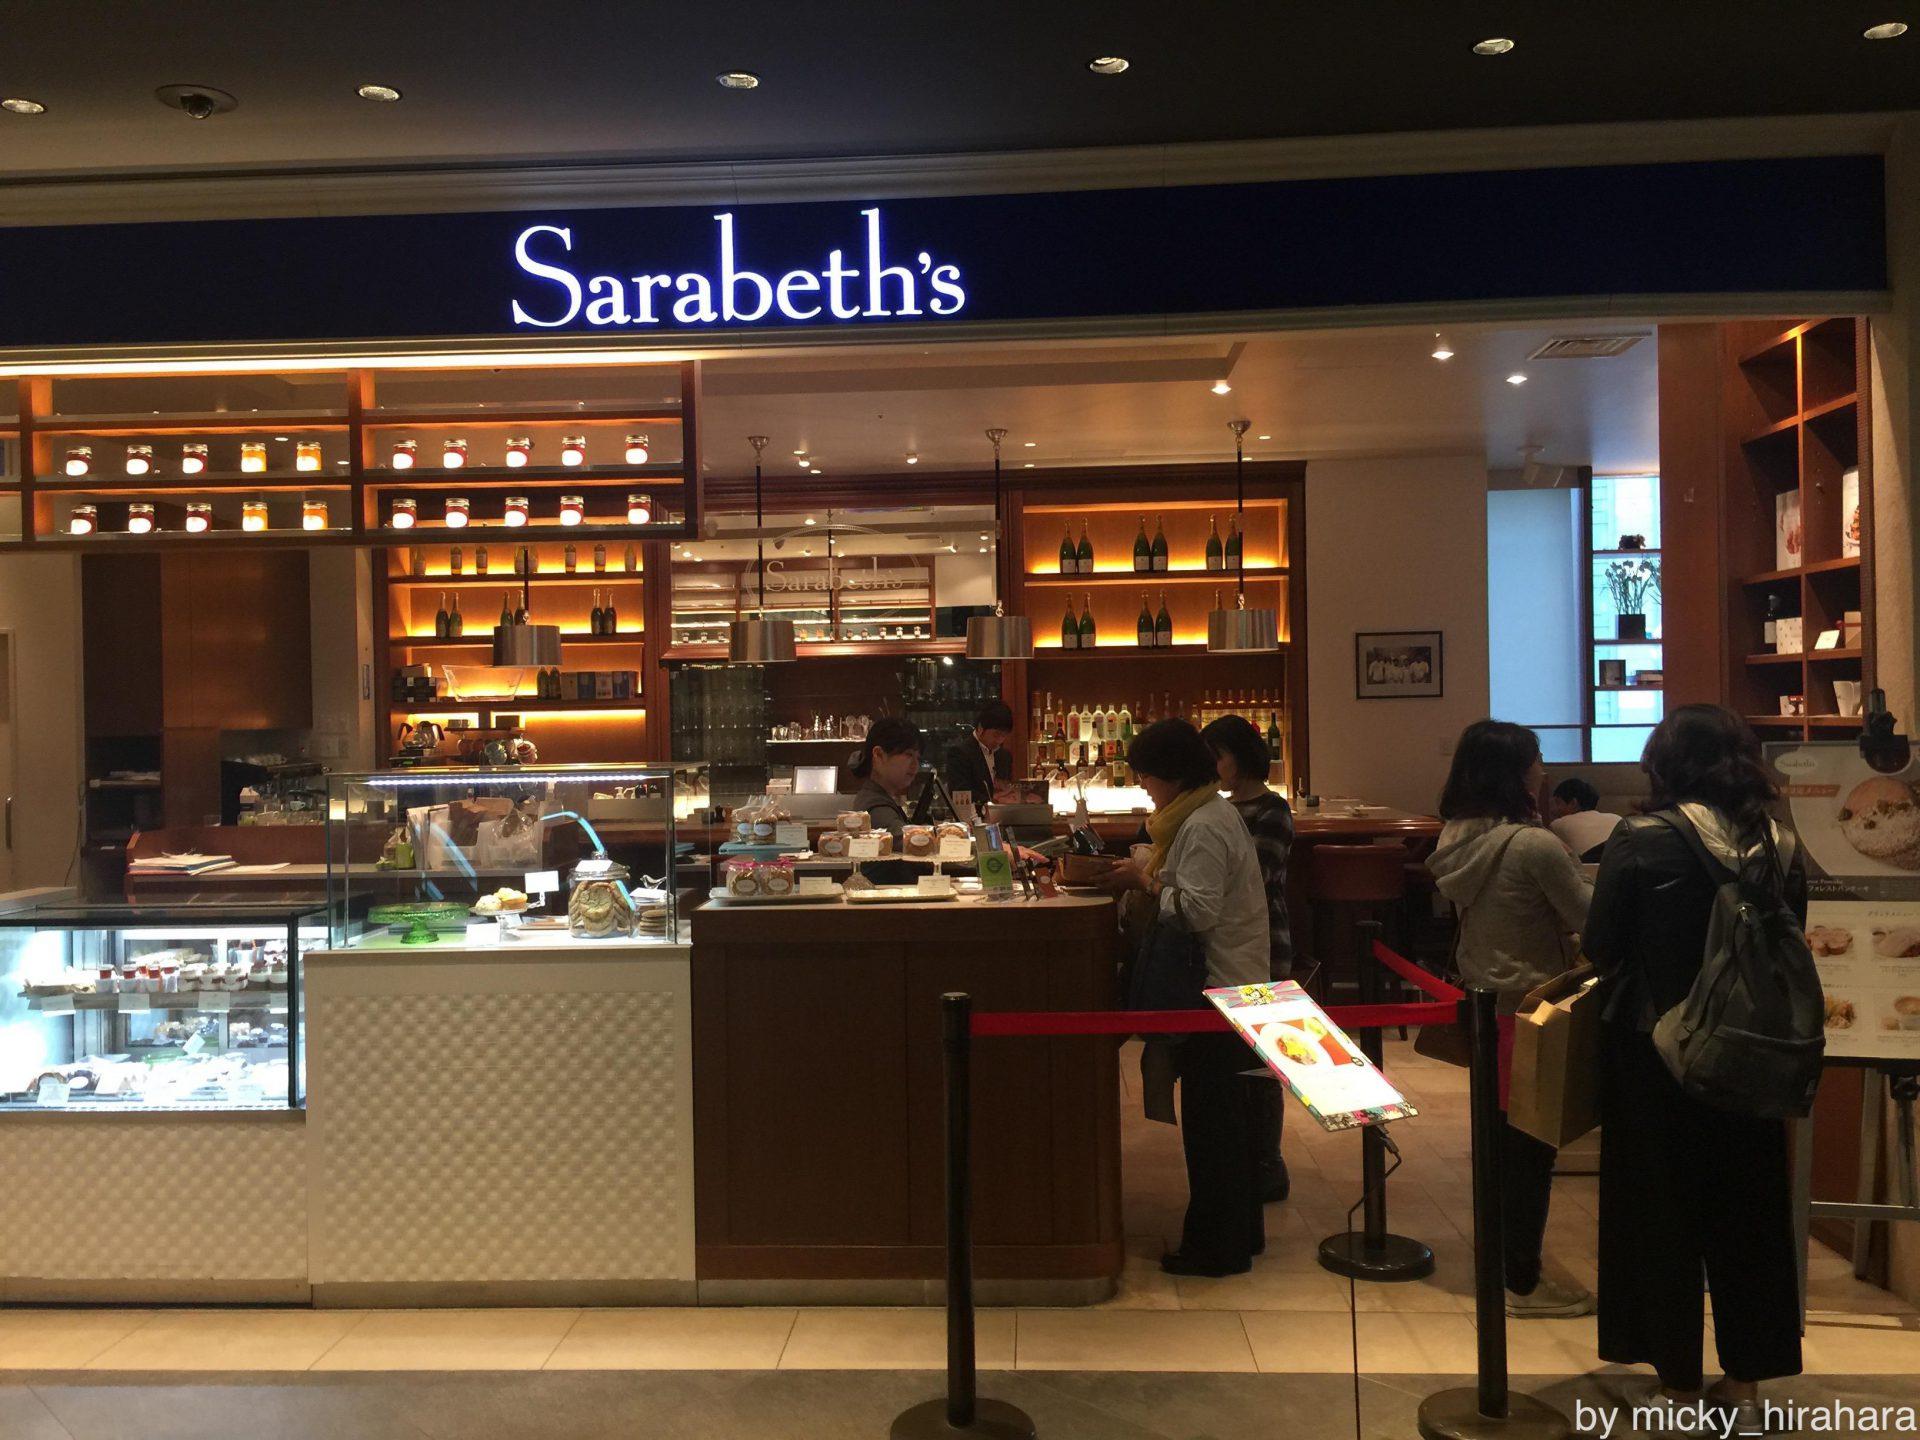 サラベスアトレ品川店:連日混雑しているパンケーキが素敵な駅近カフェ♪